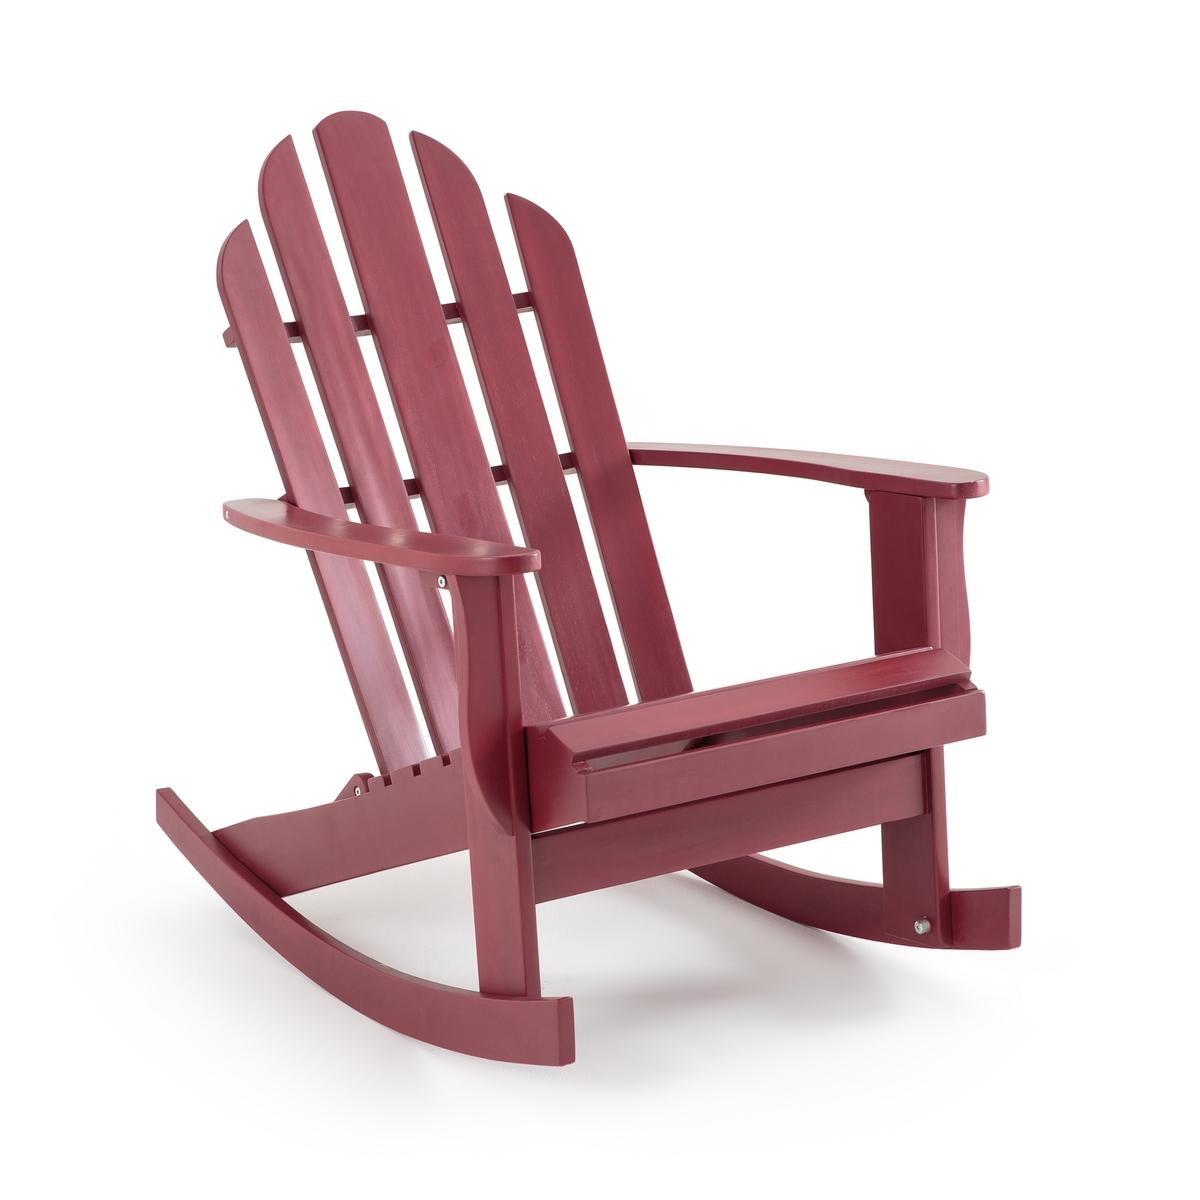 Sedia a dondolo da giardino Théodore, stile Adirondack